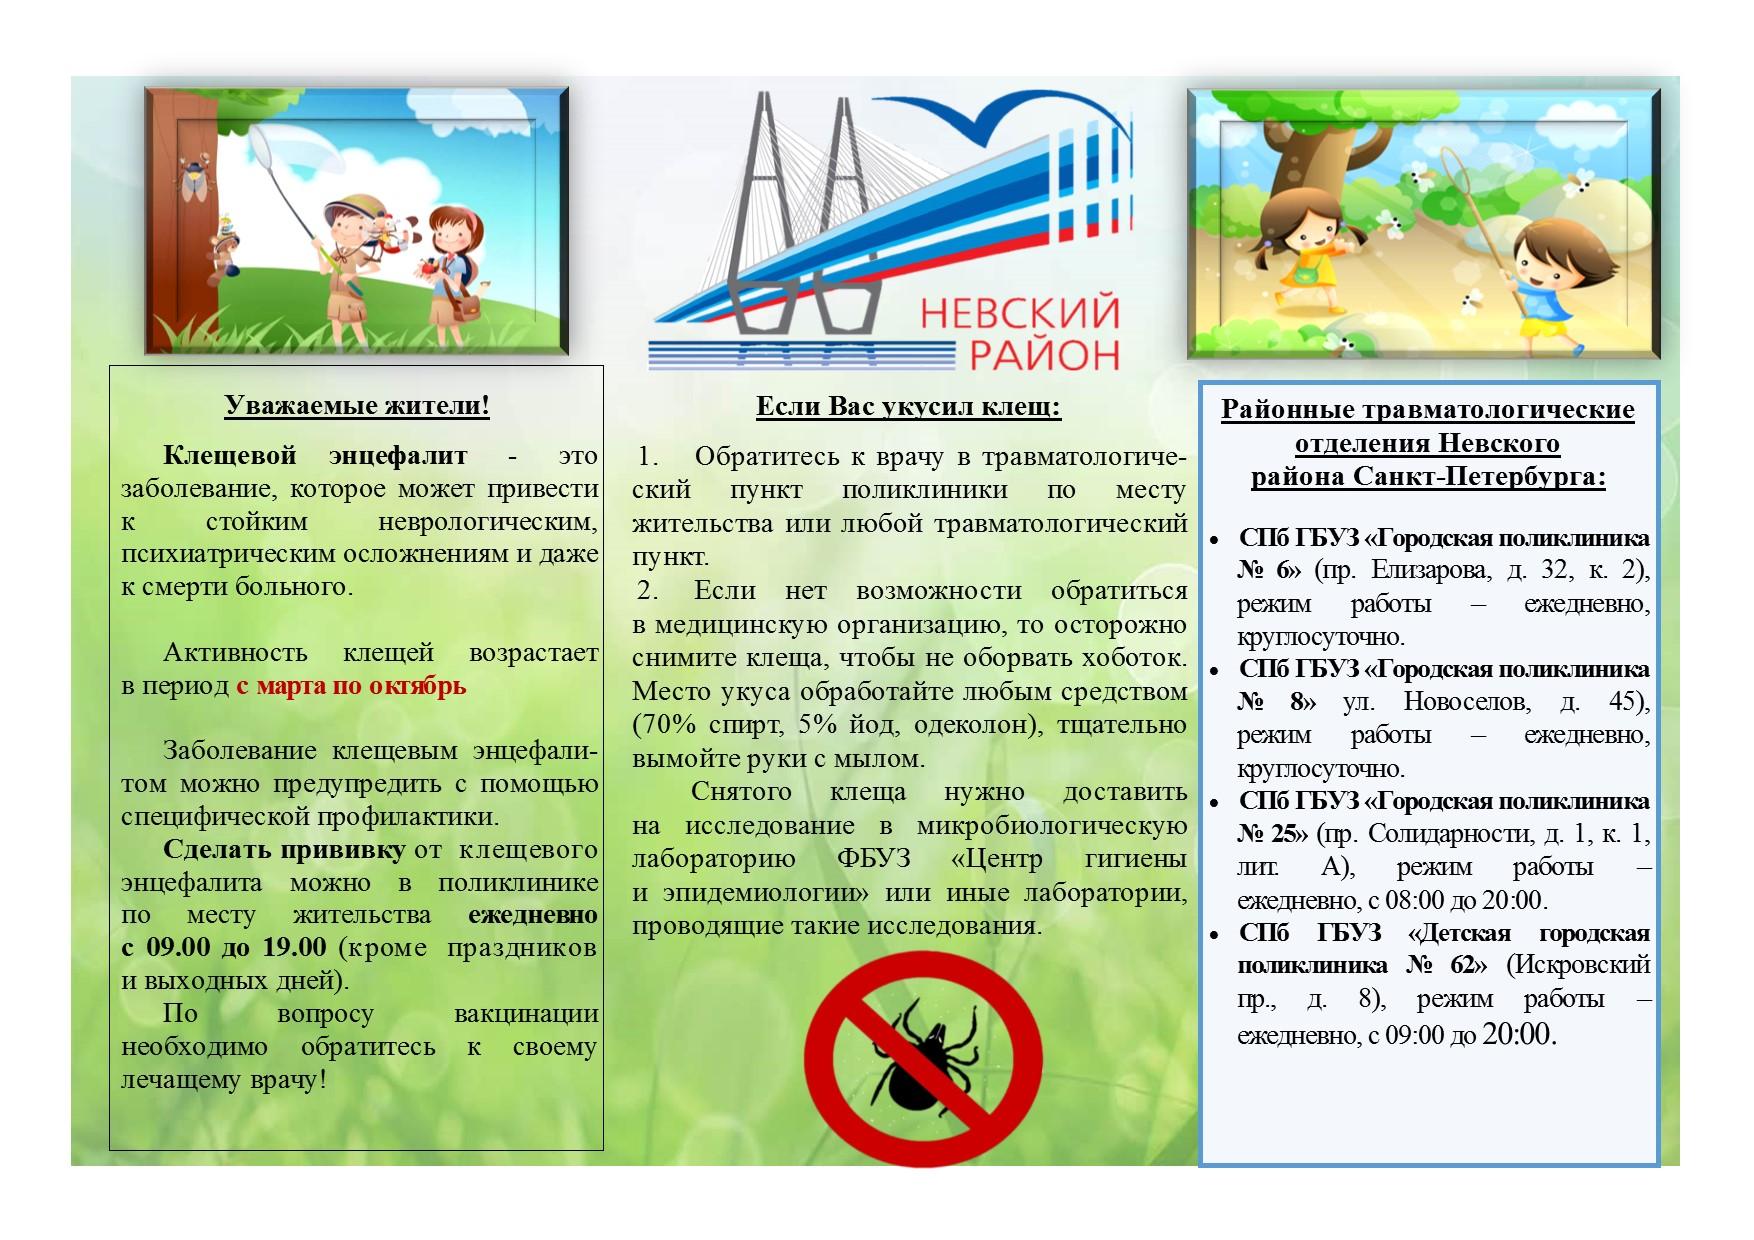 Информирование населения (Невский район)